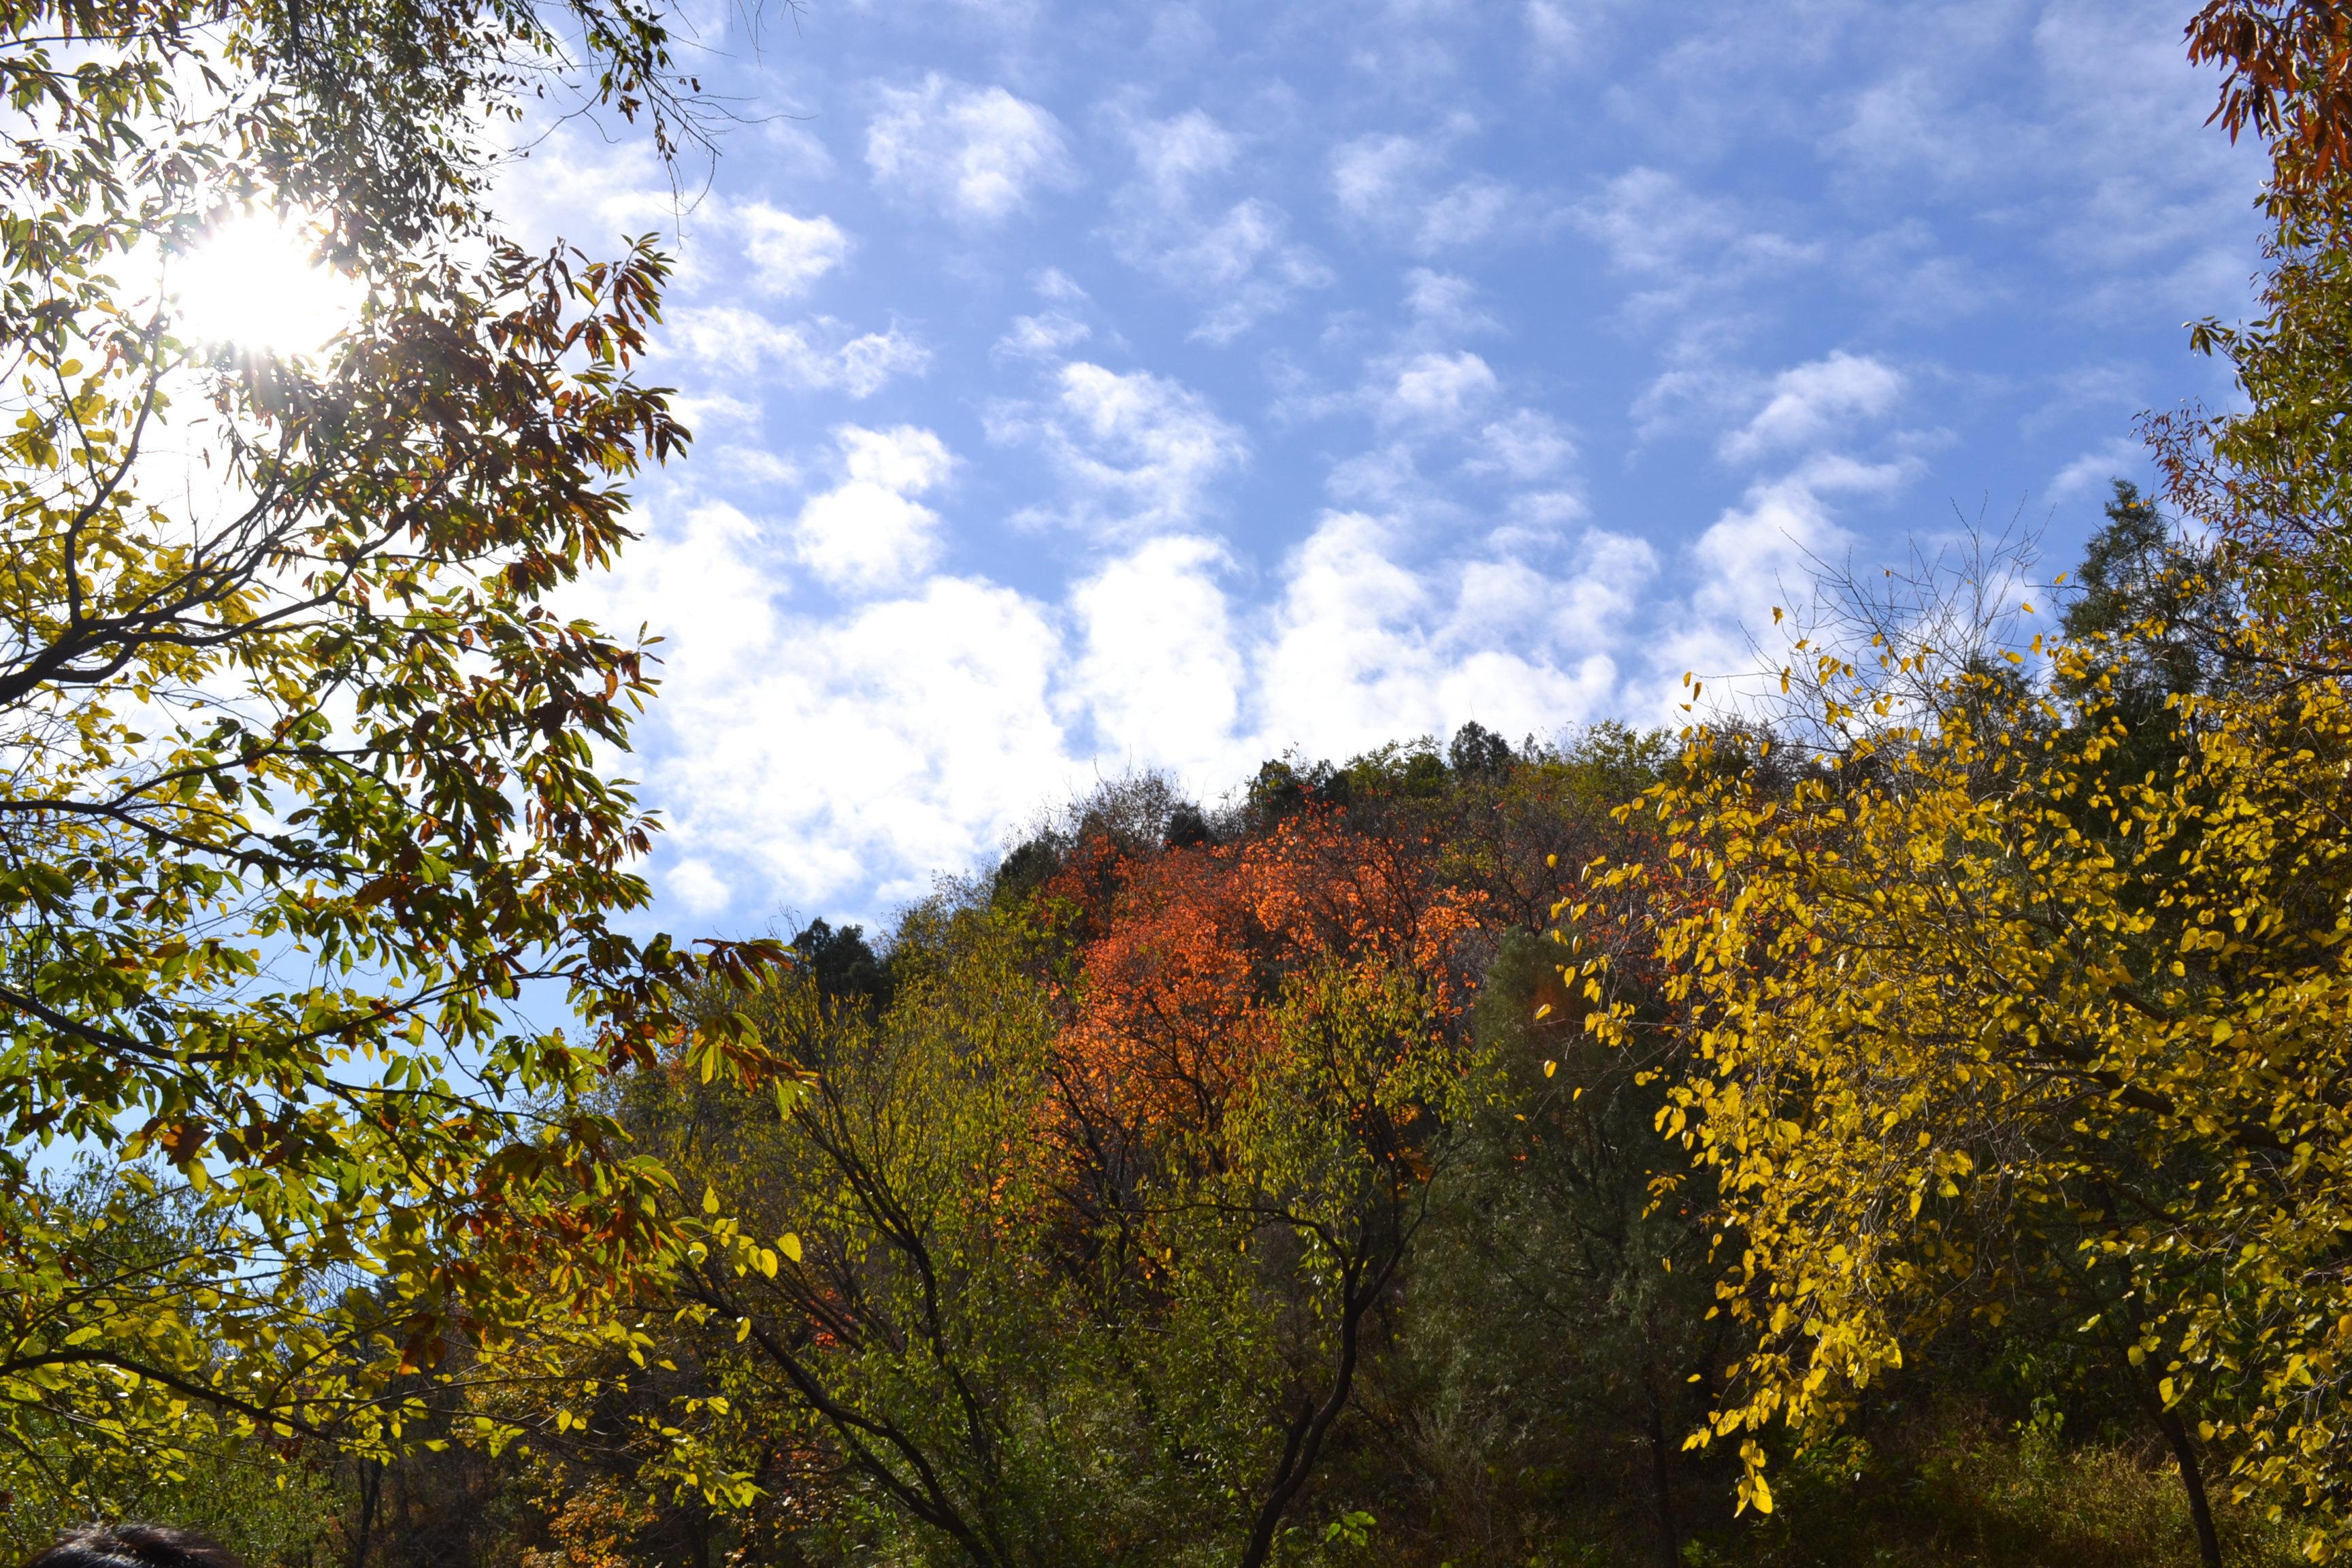 【特惠亲子游】北京百望山森林公园赏红叶一日游·特卖汇